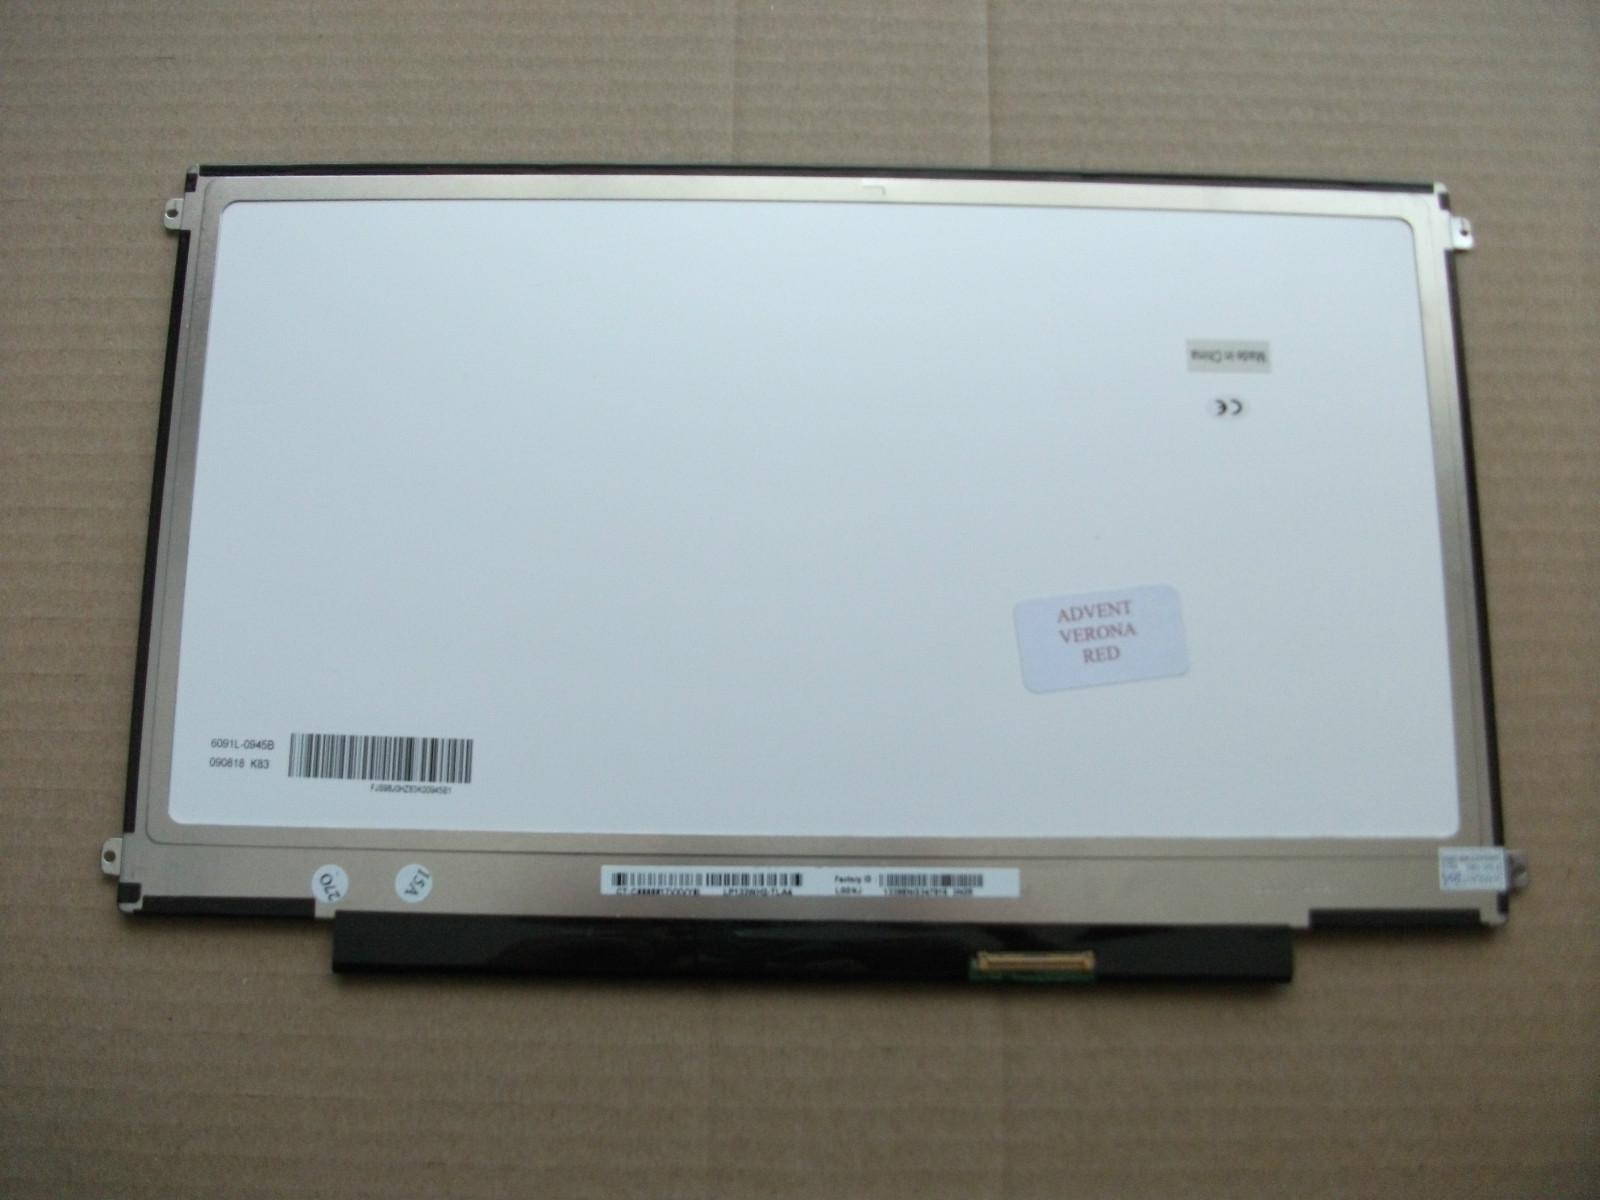 Màn hình 13.3 inch-LED-SLIM Thay cho laptop: CQ35,Probook 4310s ,Acer 3810T ,Lenovo U350 , Sony VPCS111FM , Toshiba T135….